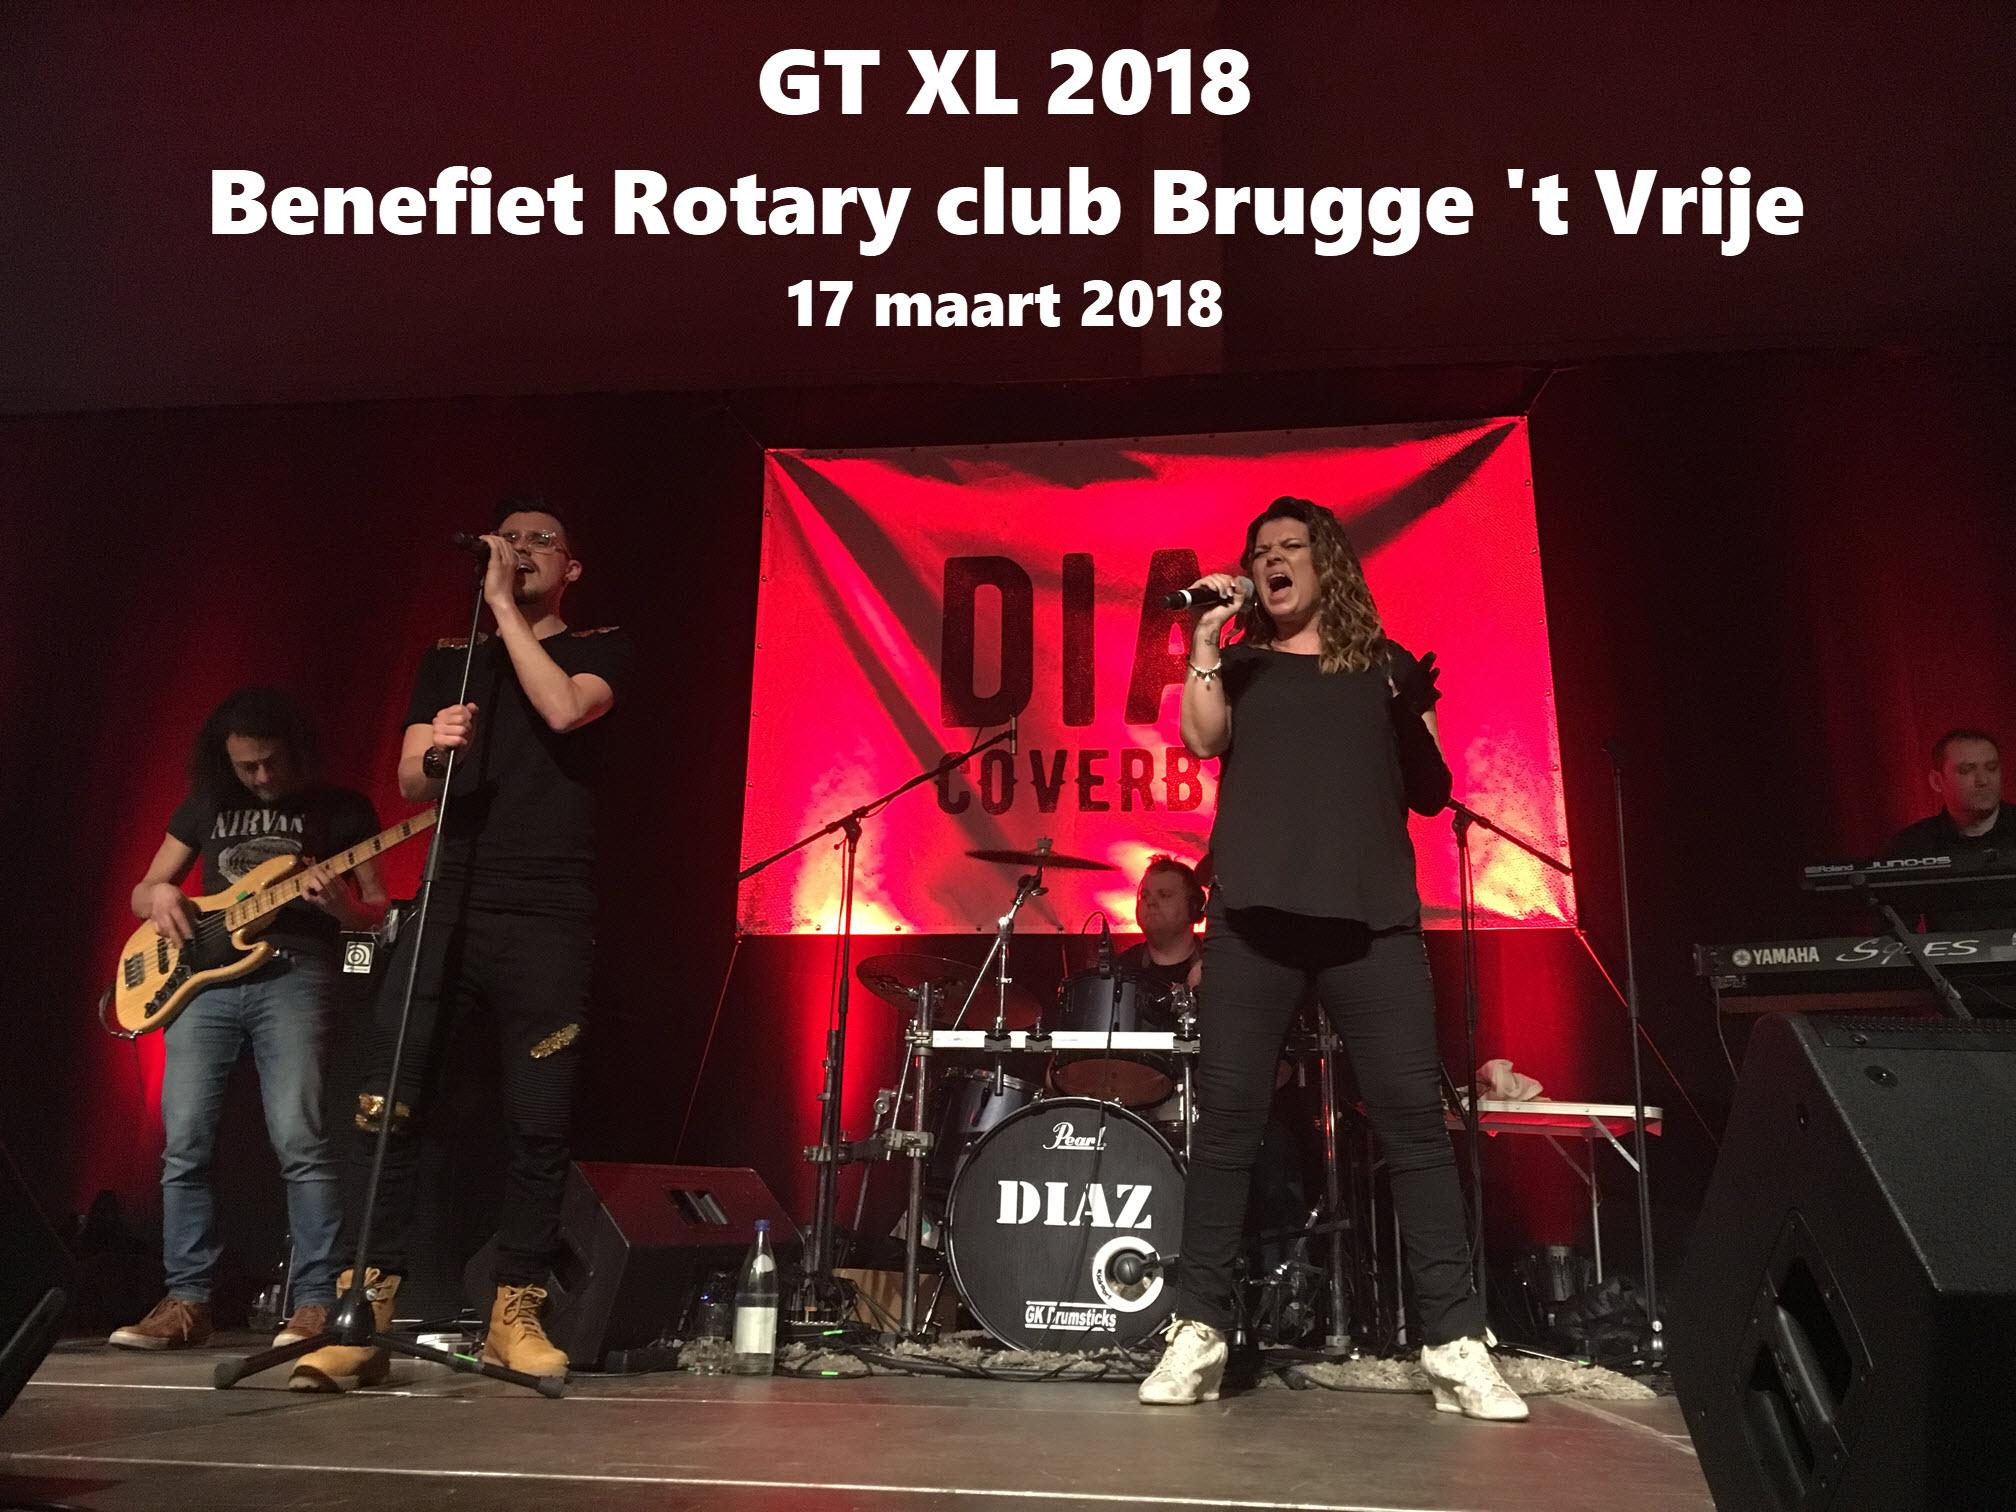 DIAZ GT XL 2018 0